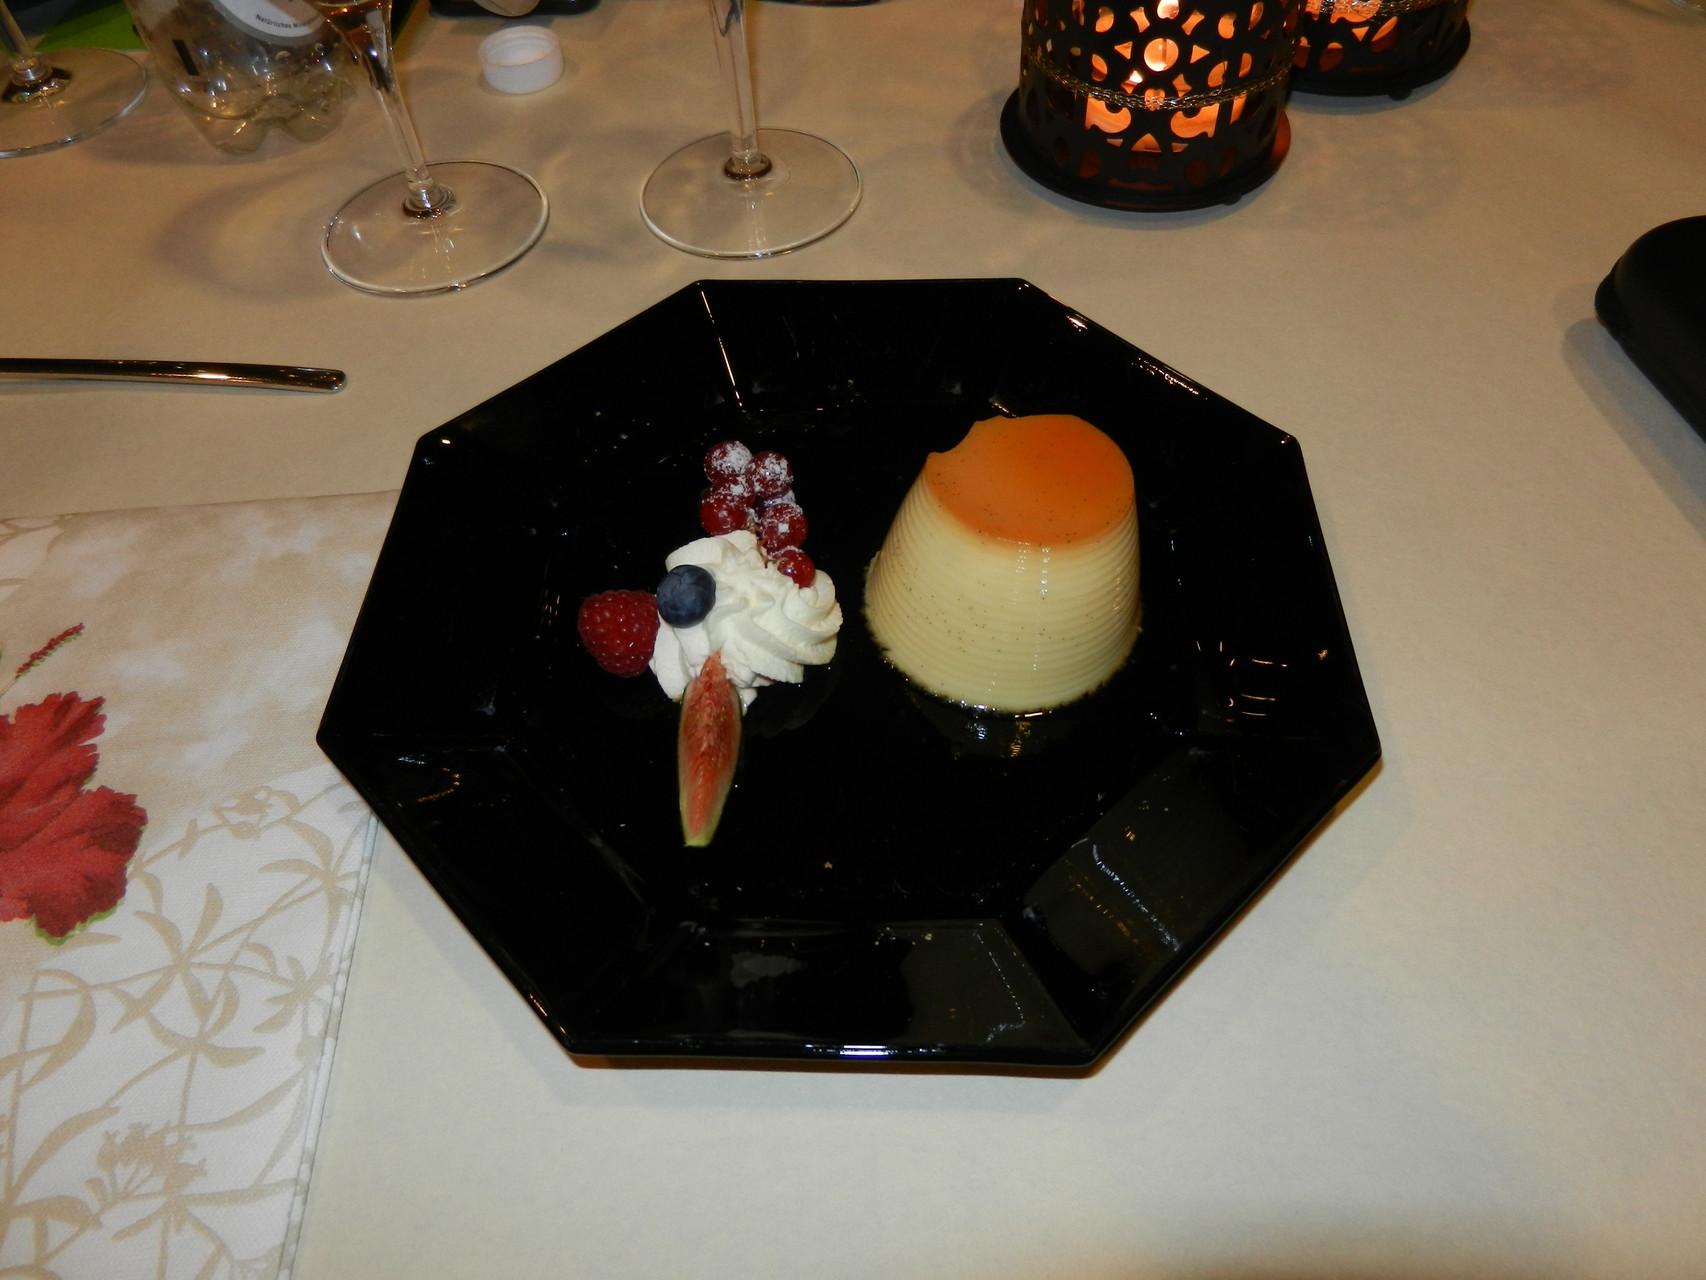 Nach so viel Aufregung gibt es ein leckeres Dessert.